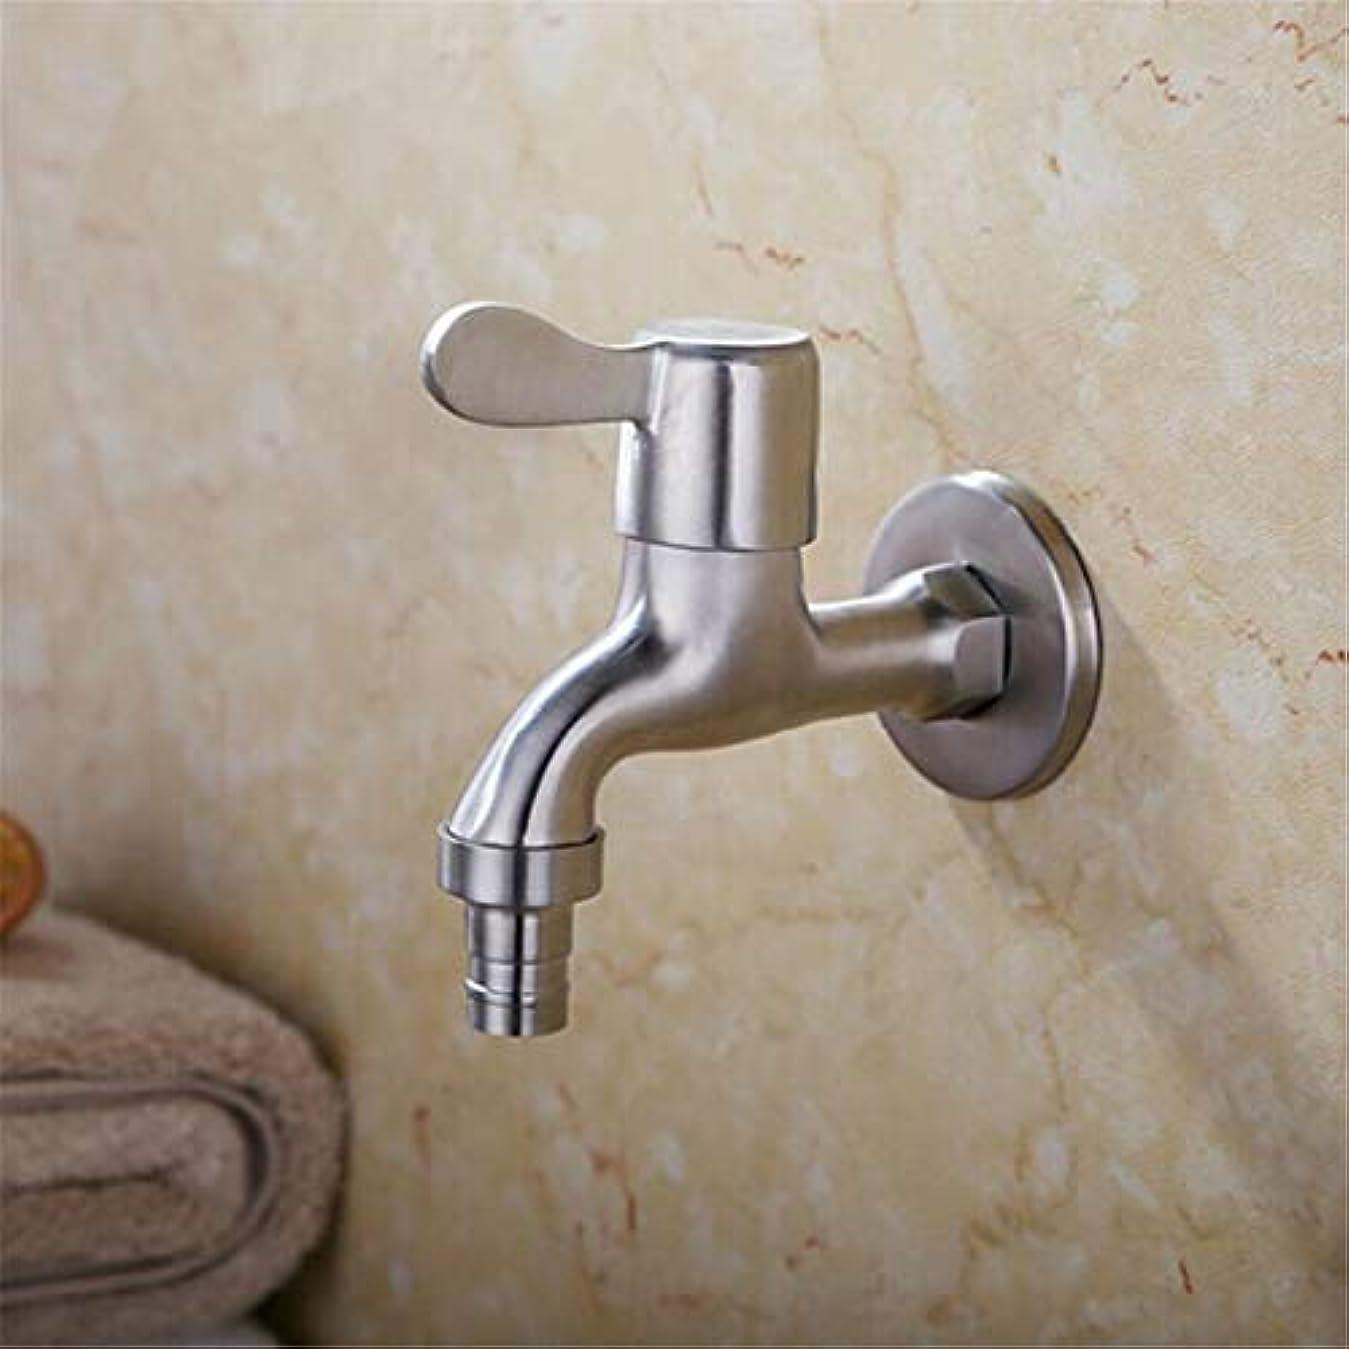 ポータル関連する垂直CBXSF 304ステンレス鋼の洗濯機の蛇口の蛇口モッププールの蛇口小さな蛇口、洗濯機